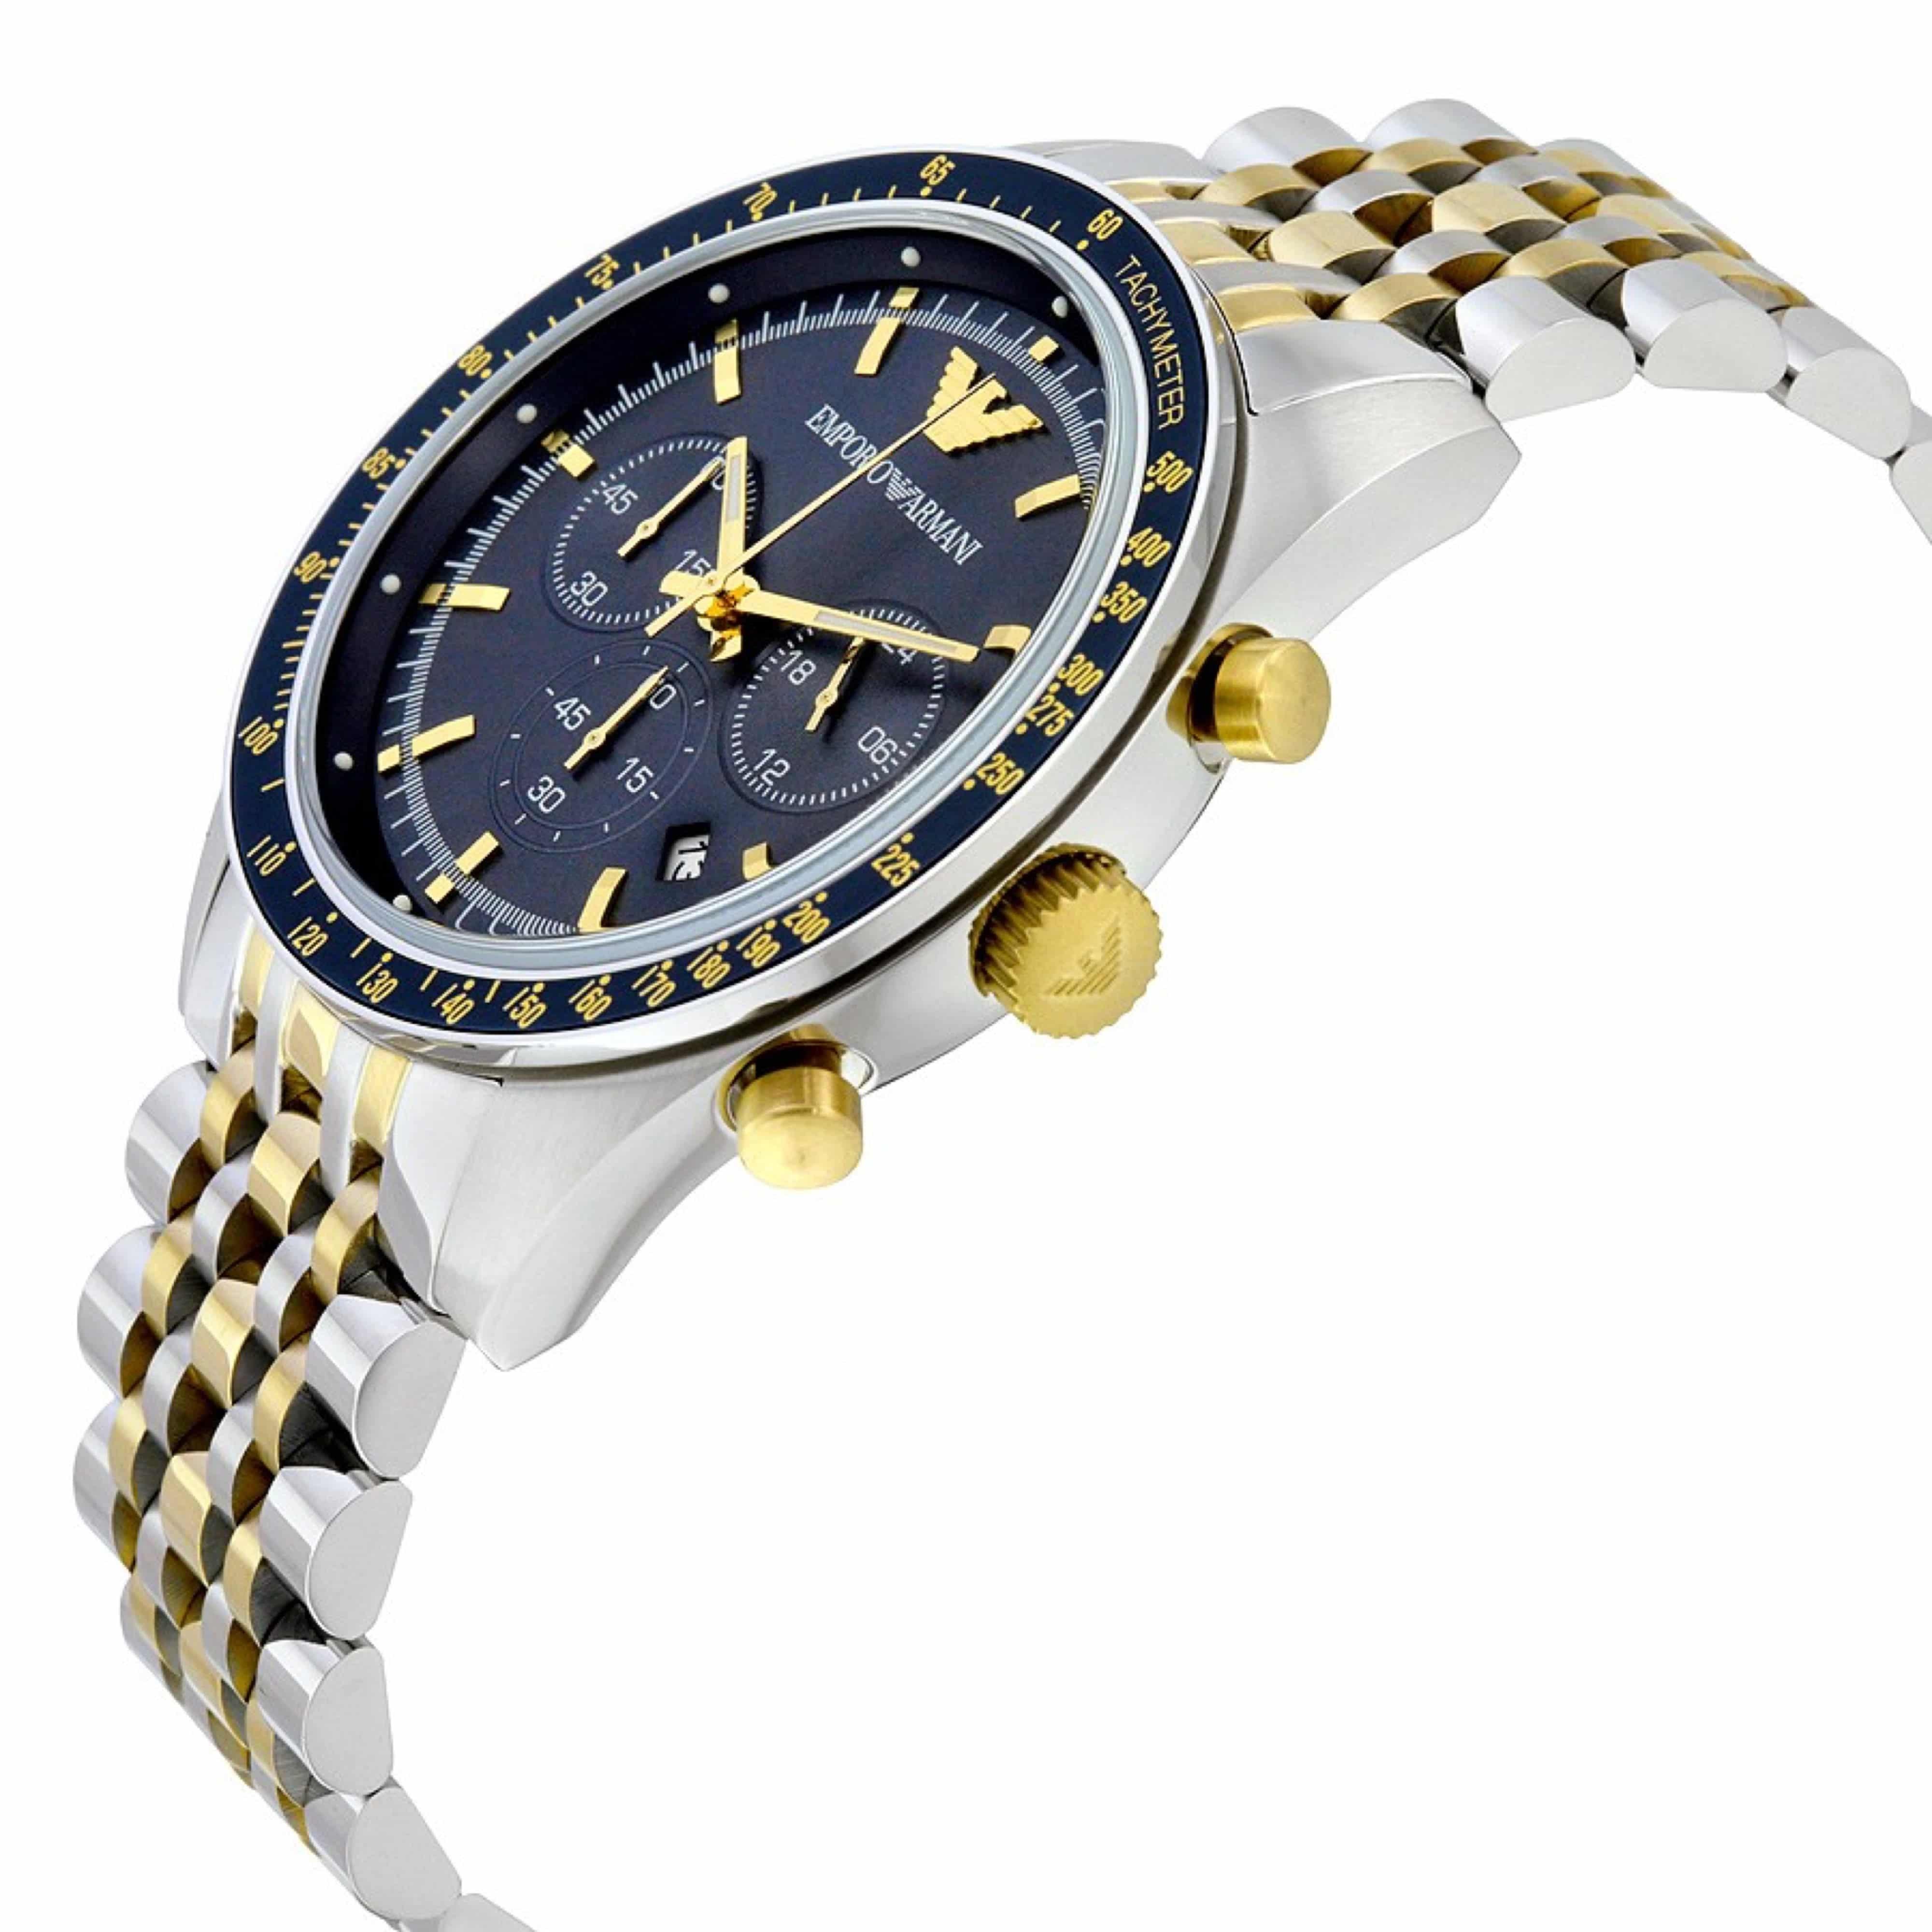 שעון אמפוריו ארמני לגבר Ar6088